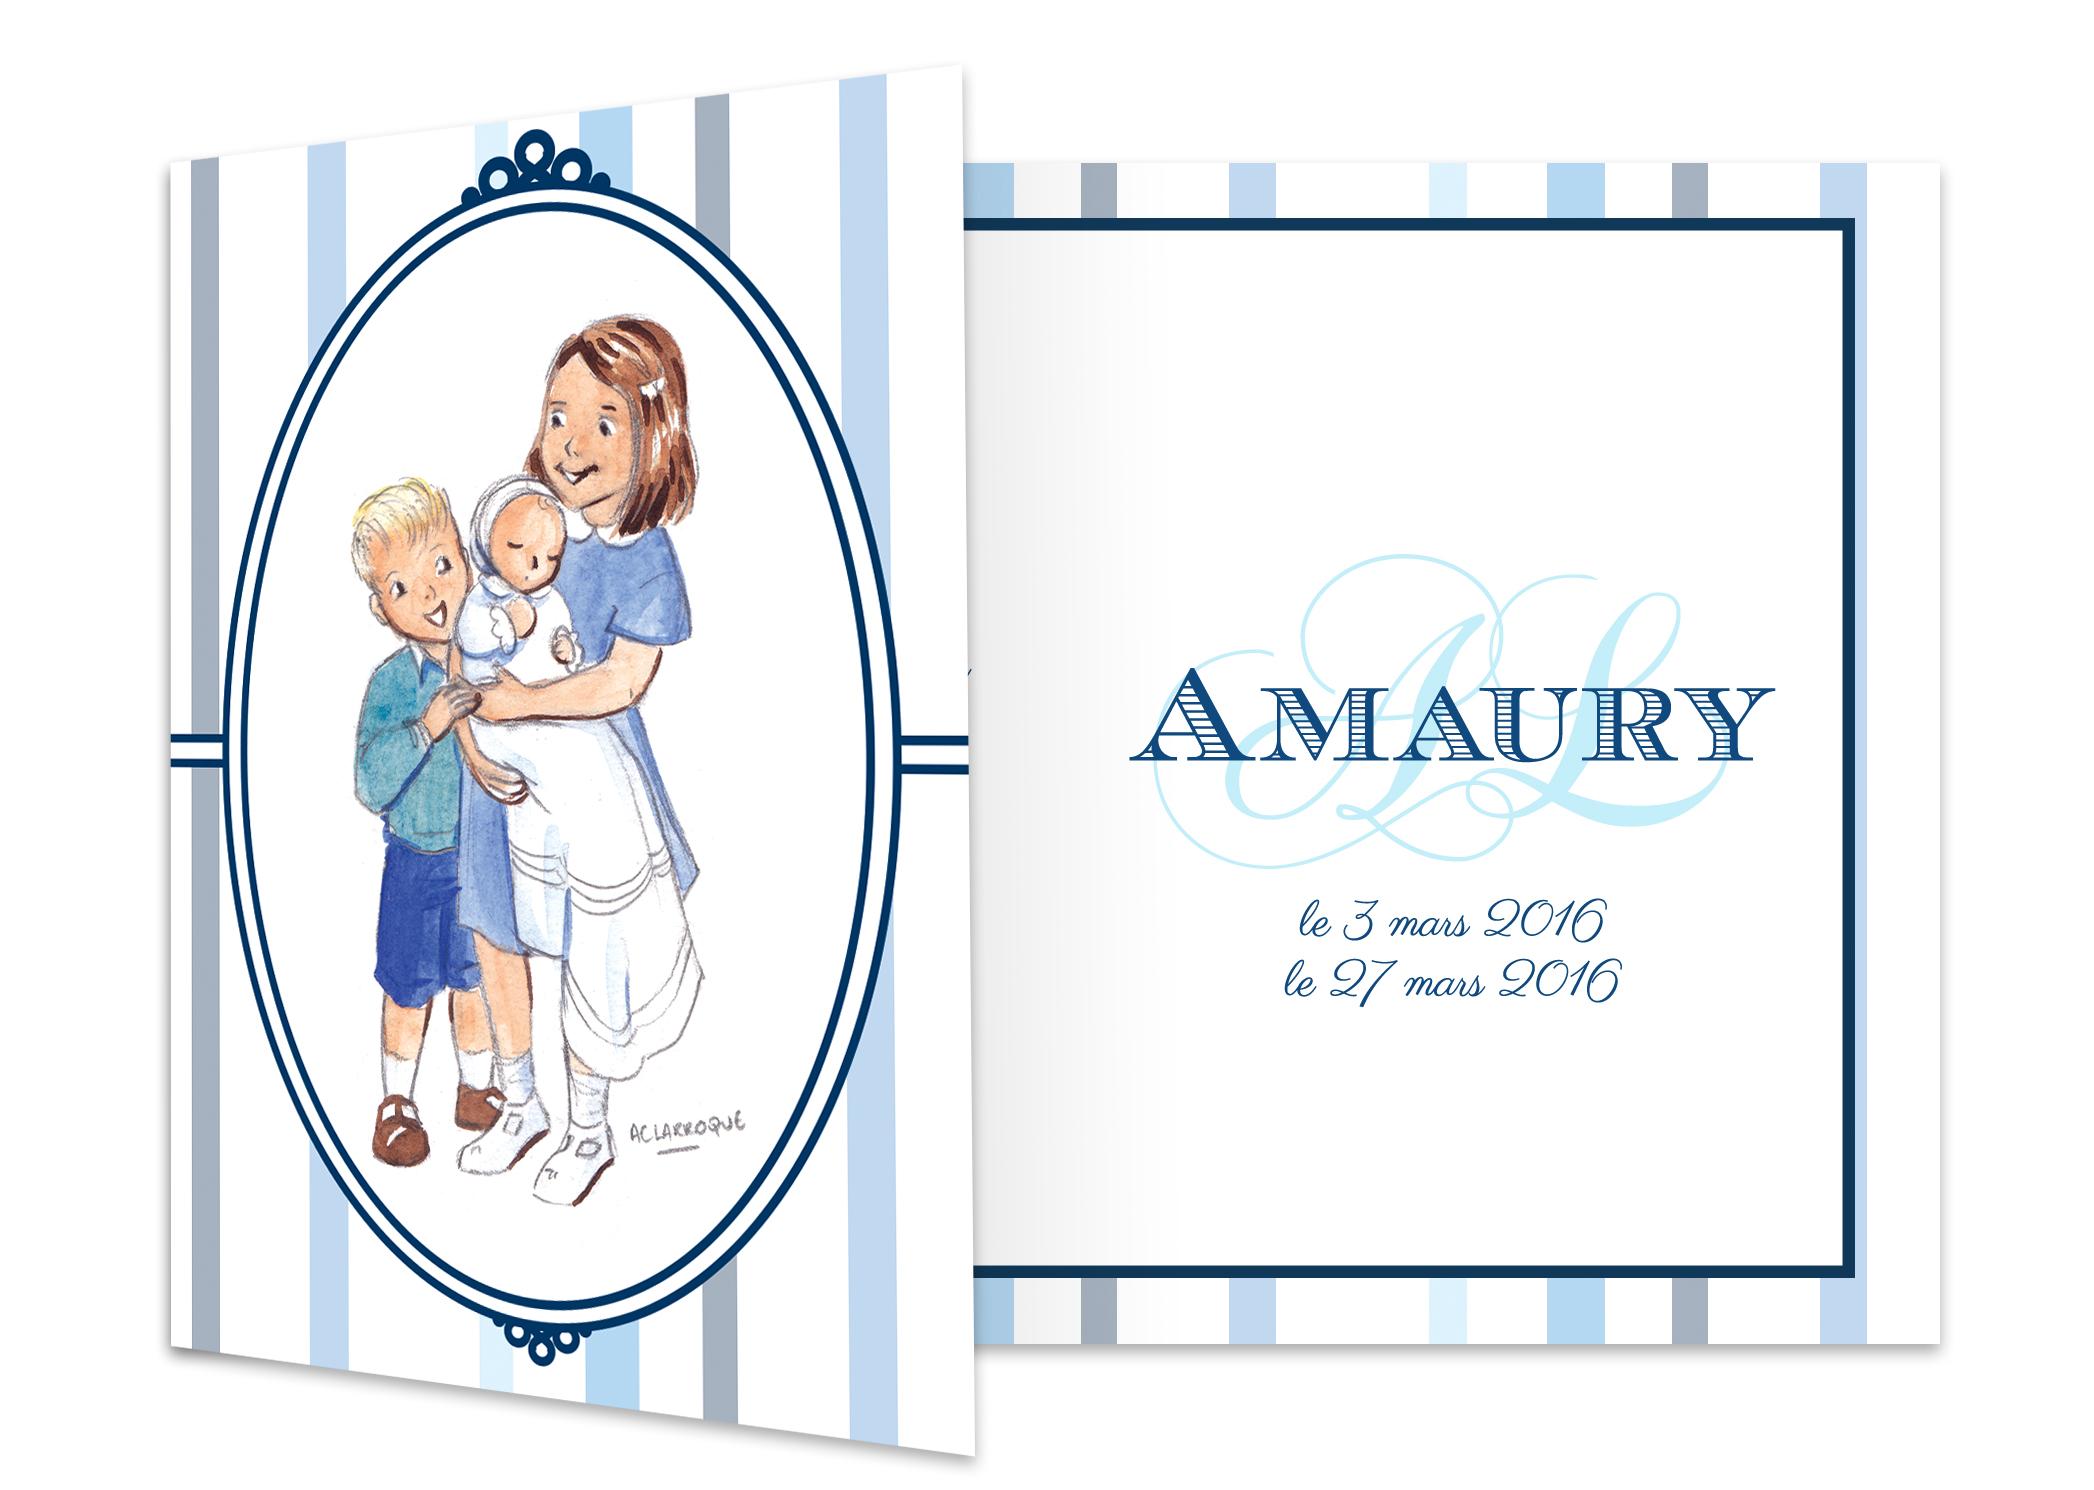 amaury2